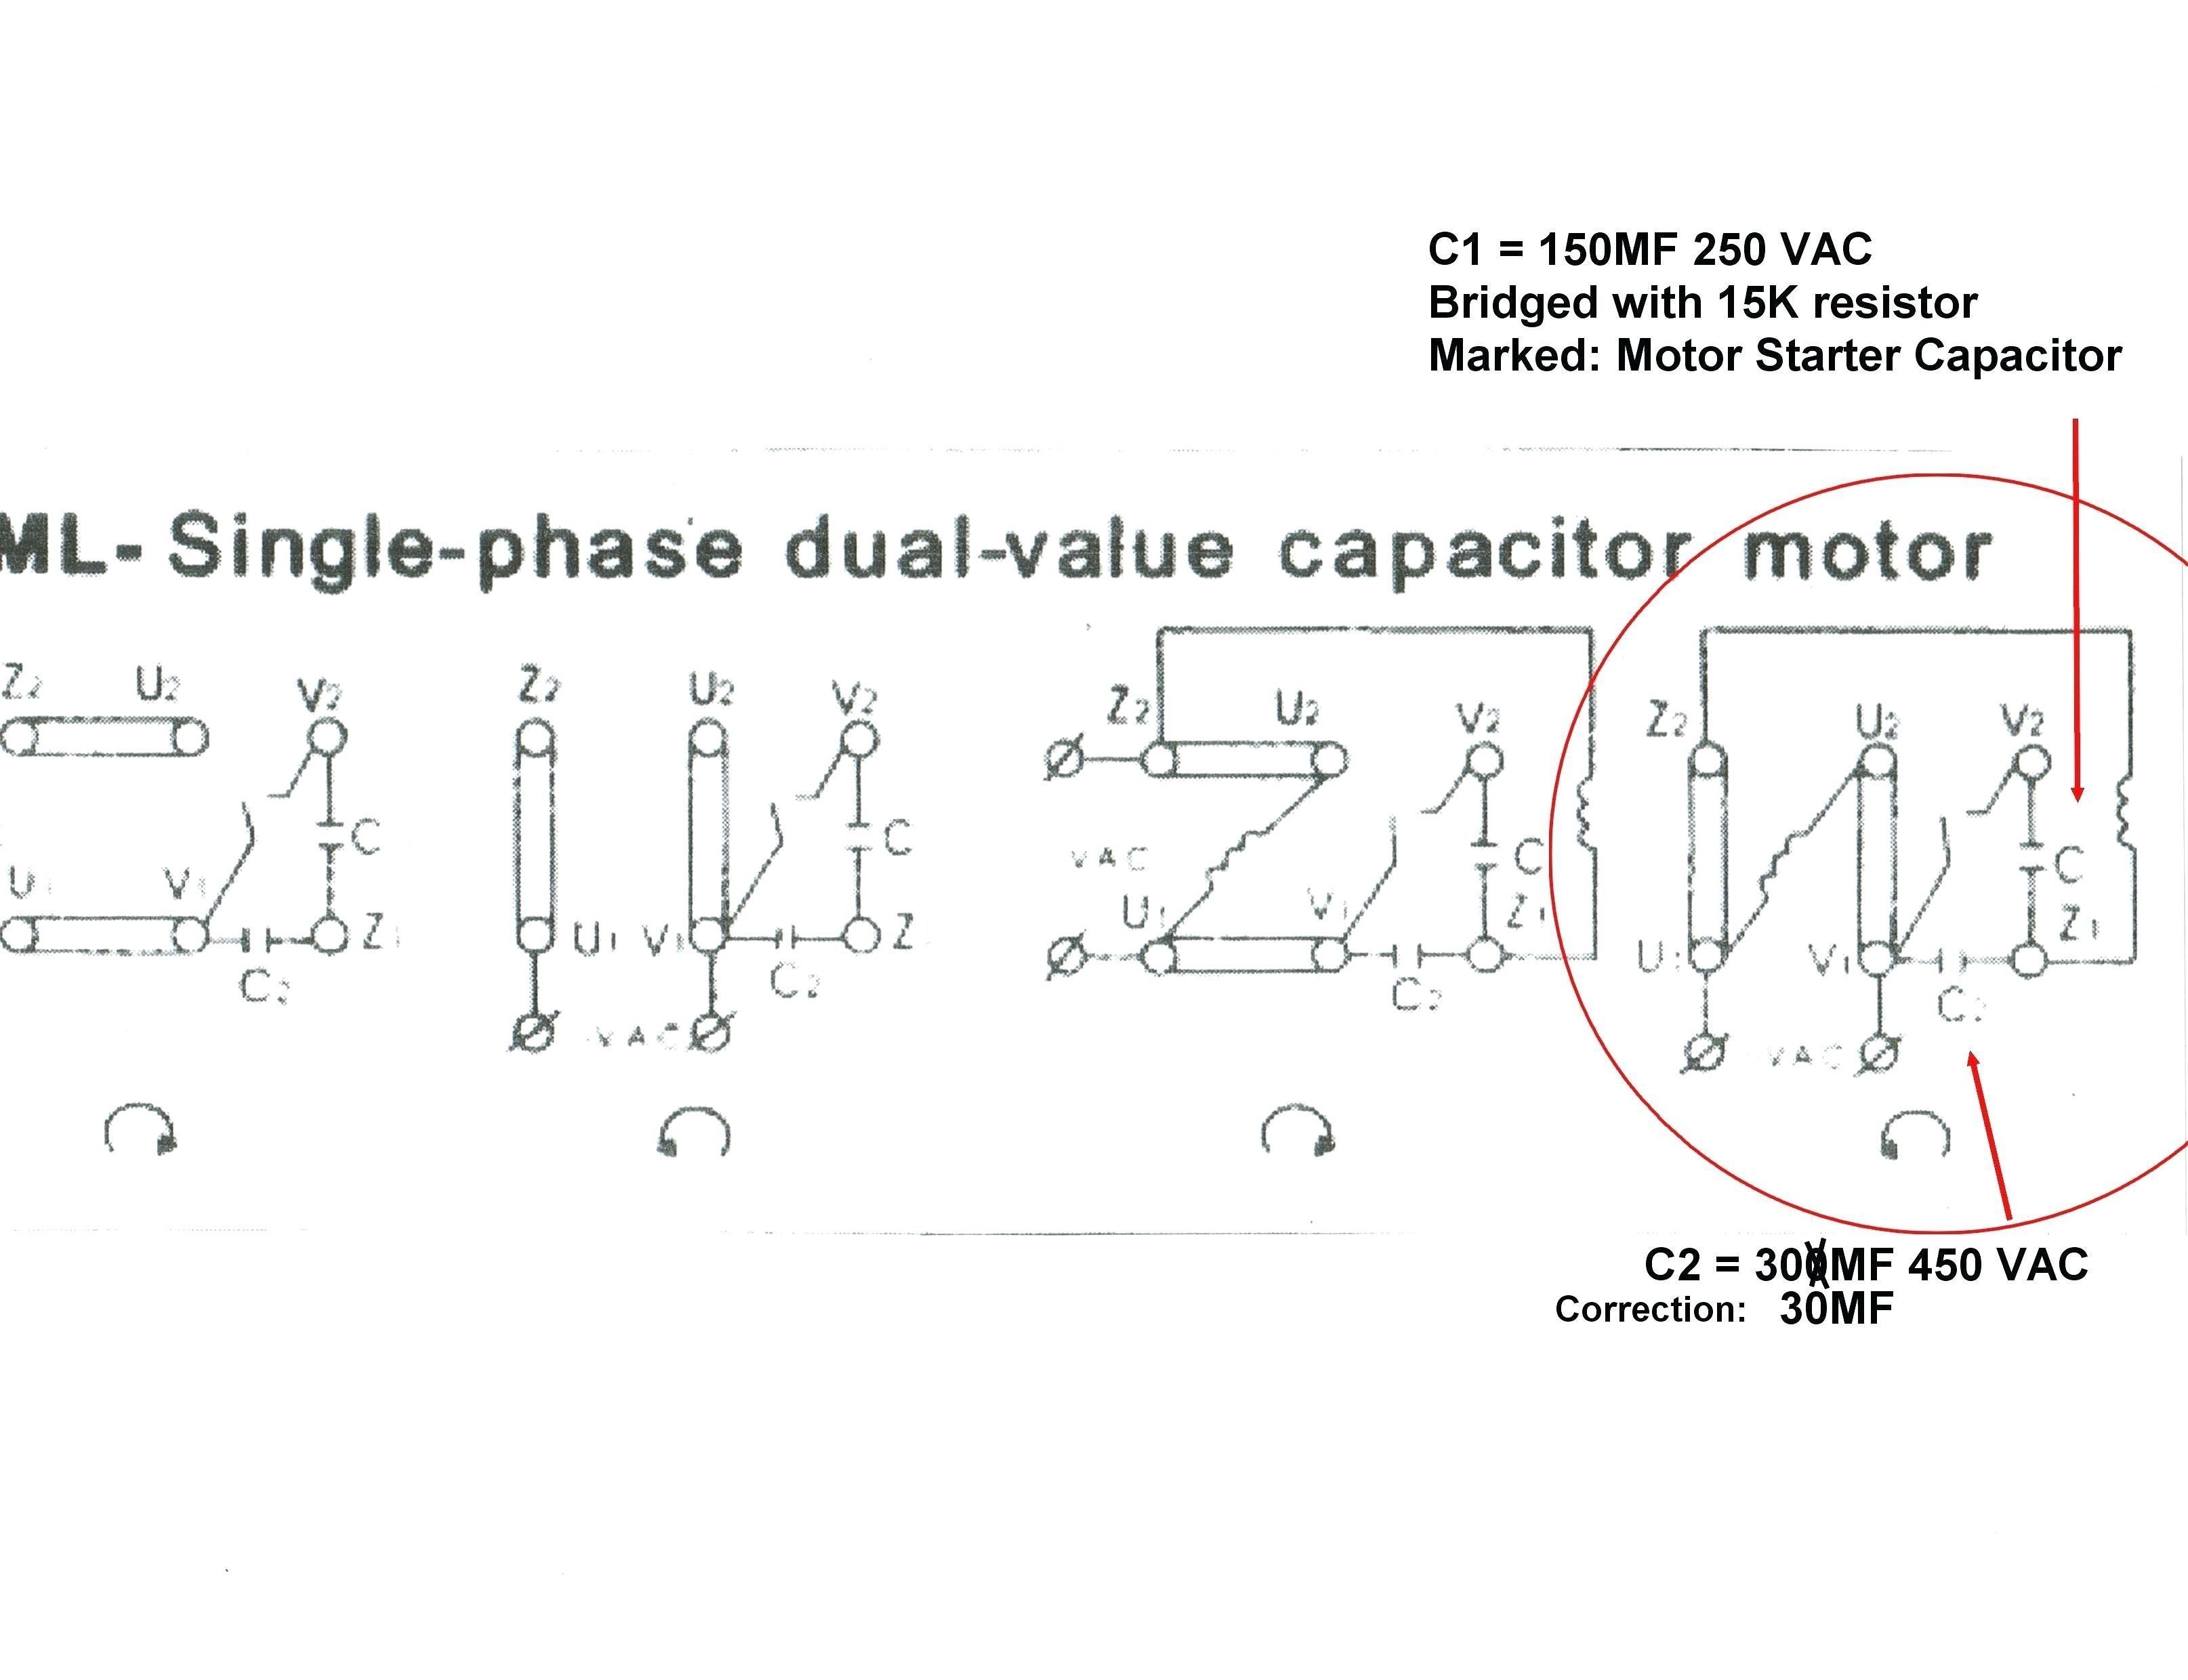 Wiring Diagram Reversible Motor Best Motor Wiring Diagram Single Phase Reversible Archives Gidn